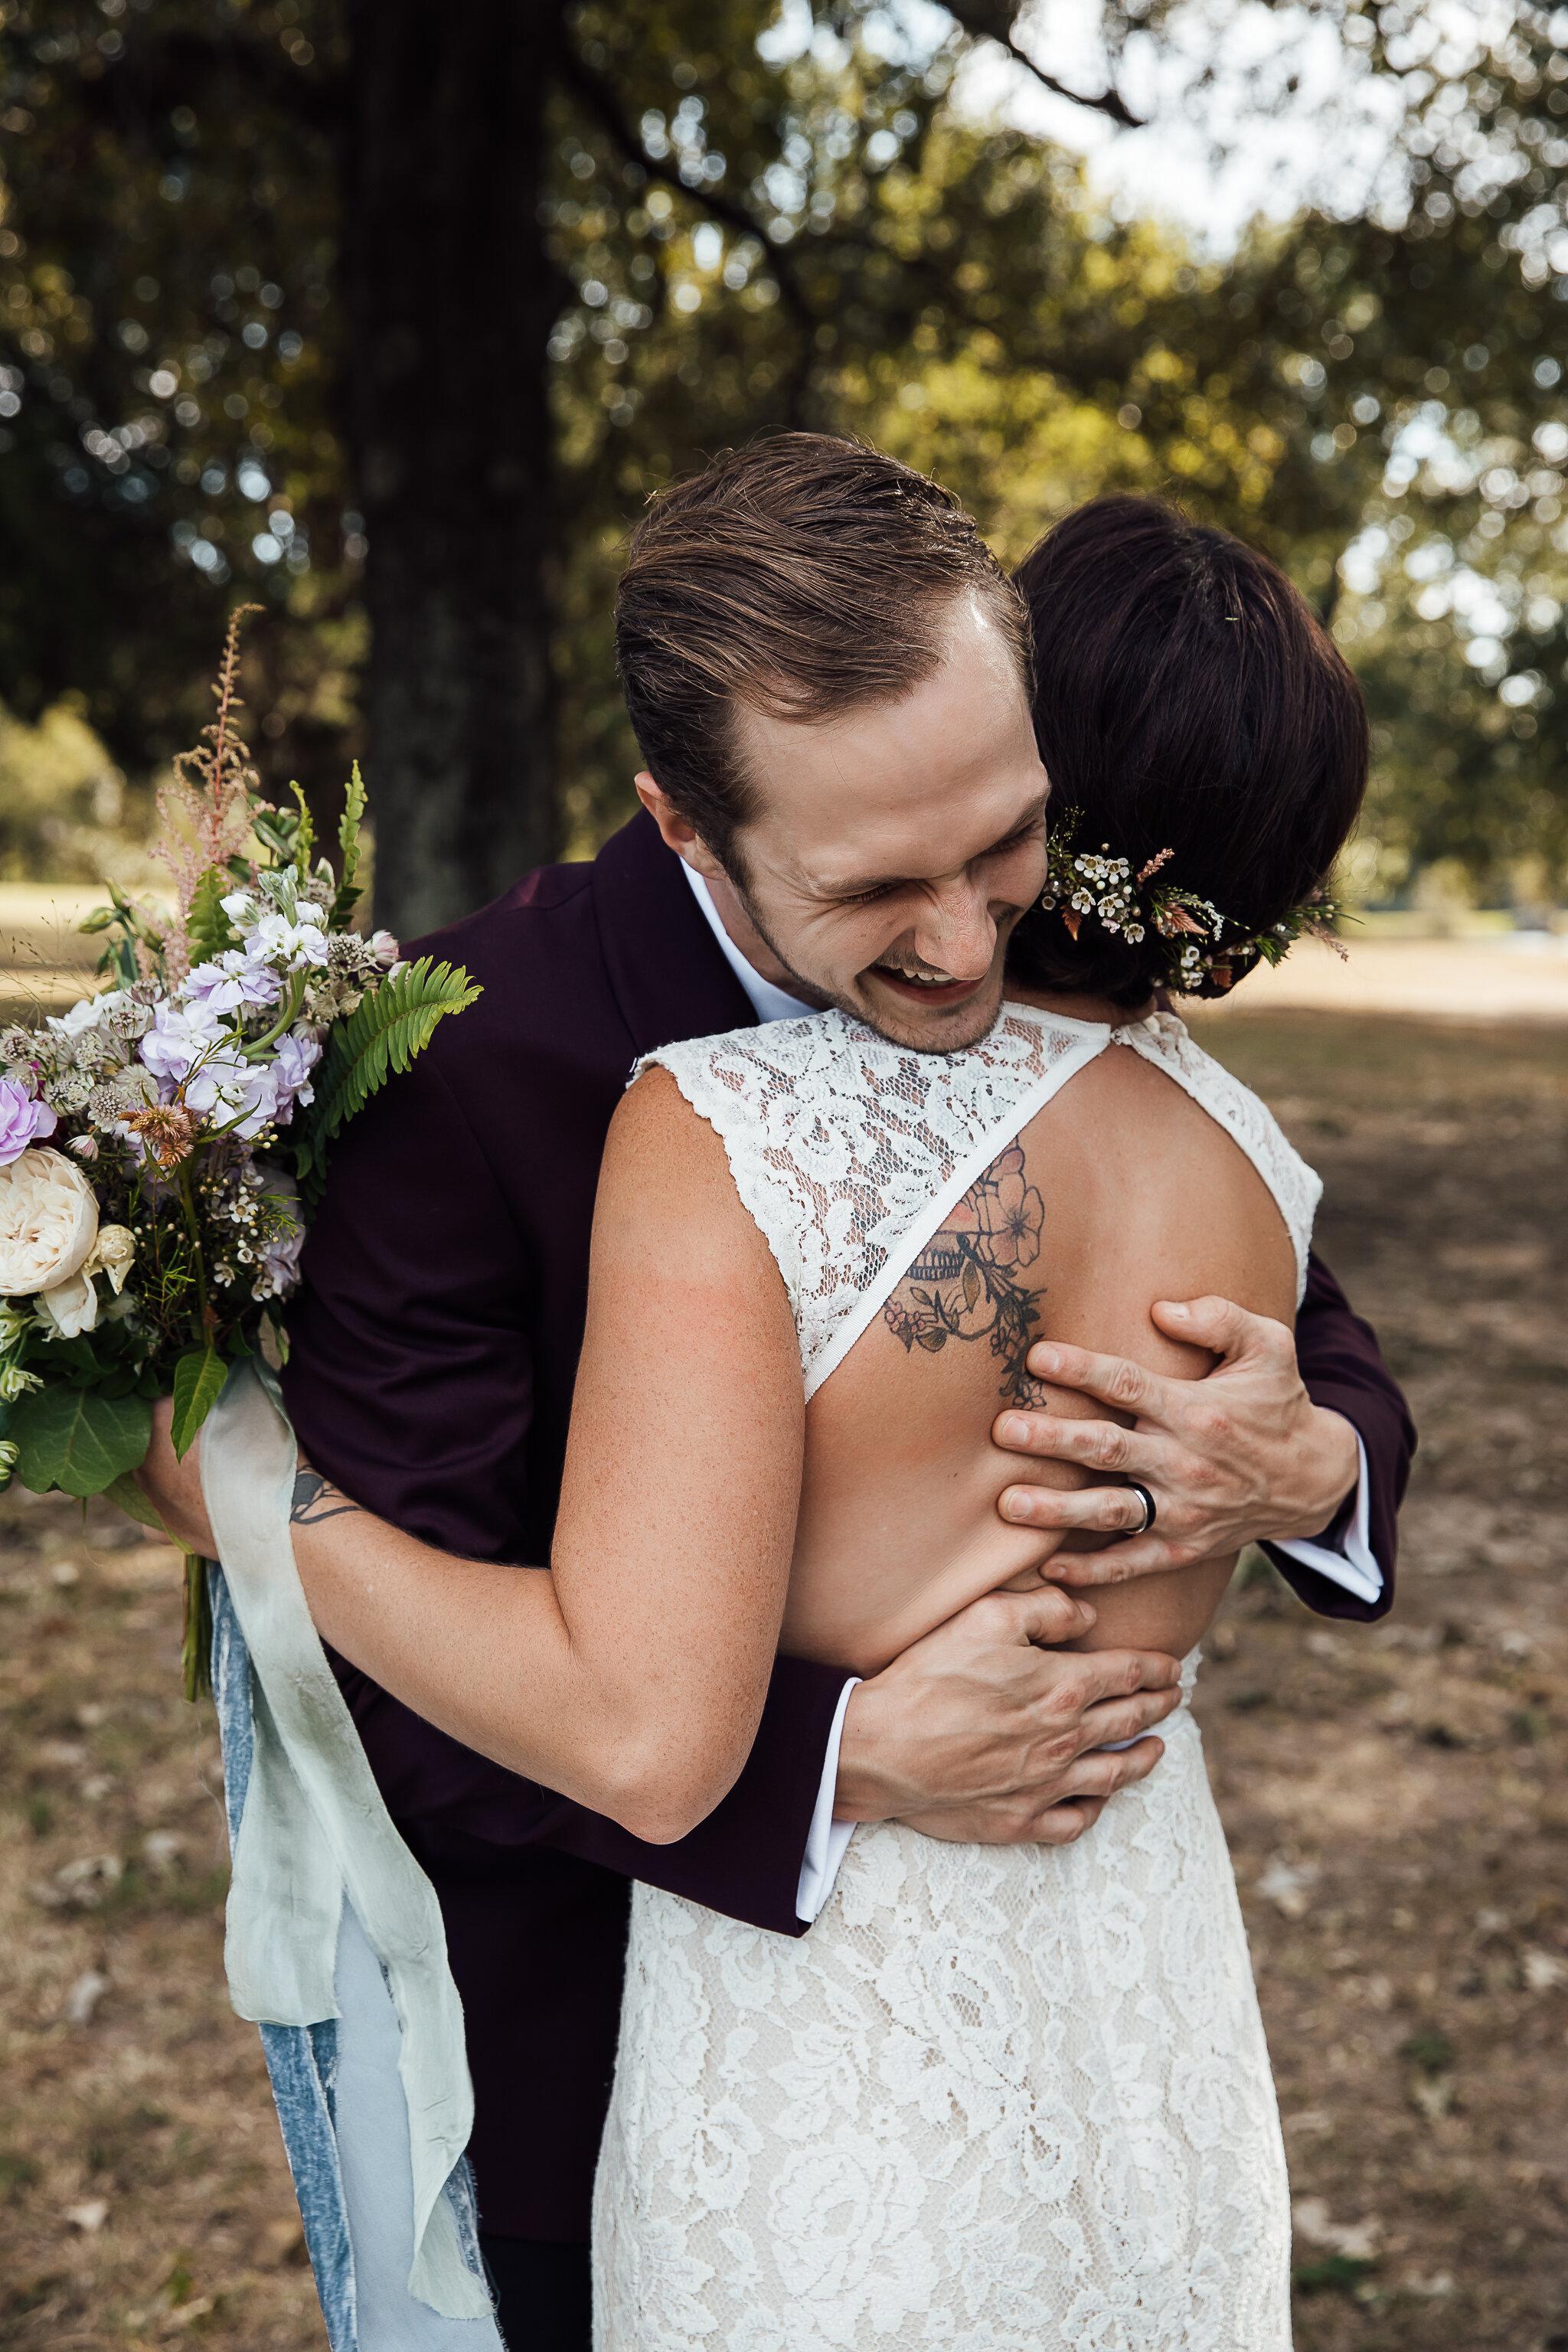 Allison-and-Wesley-Memphis-Backyard-Wedding-TheWarmthAroundYou-15.jpg